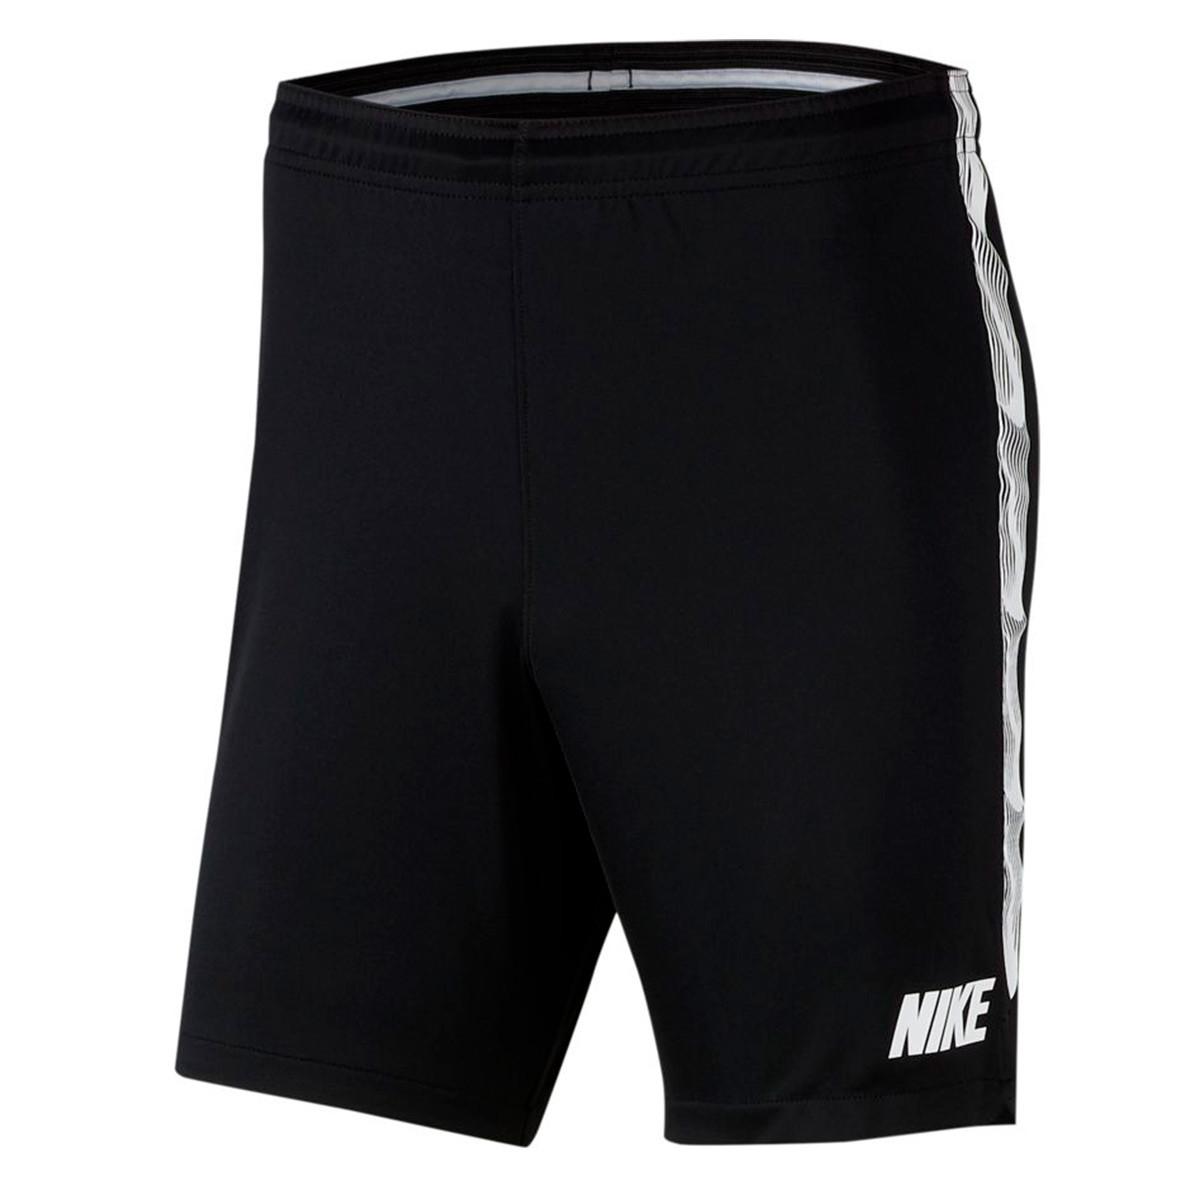 2019 real zapatillas de deporte para baratas comprar baratas Nike Dri-FIT Squad Shorts